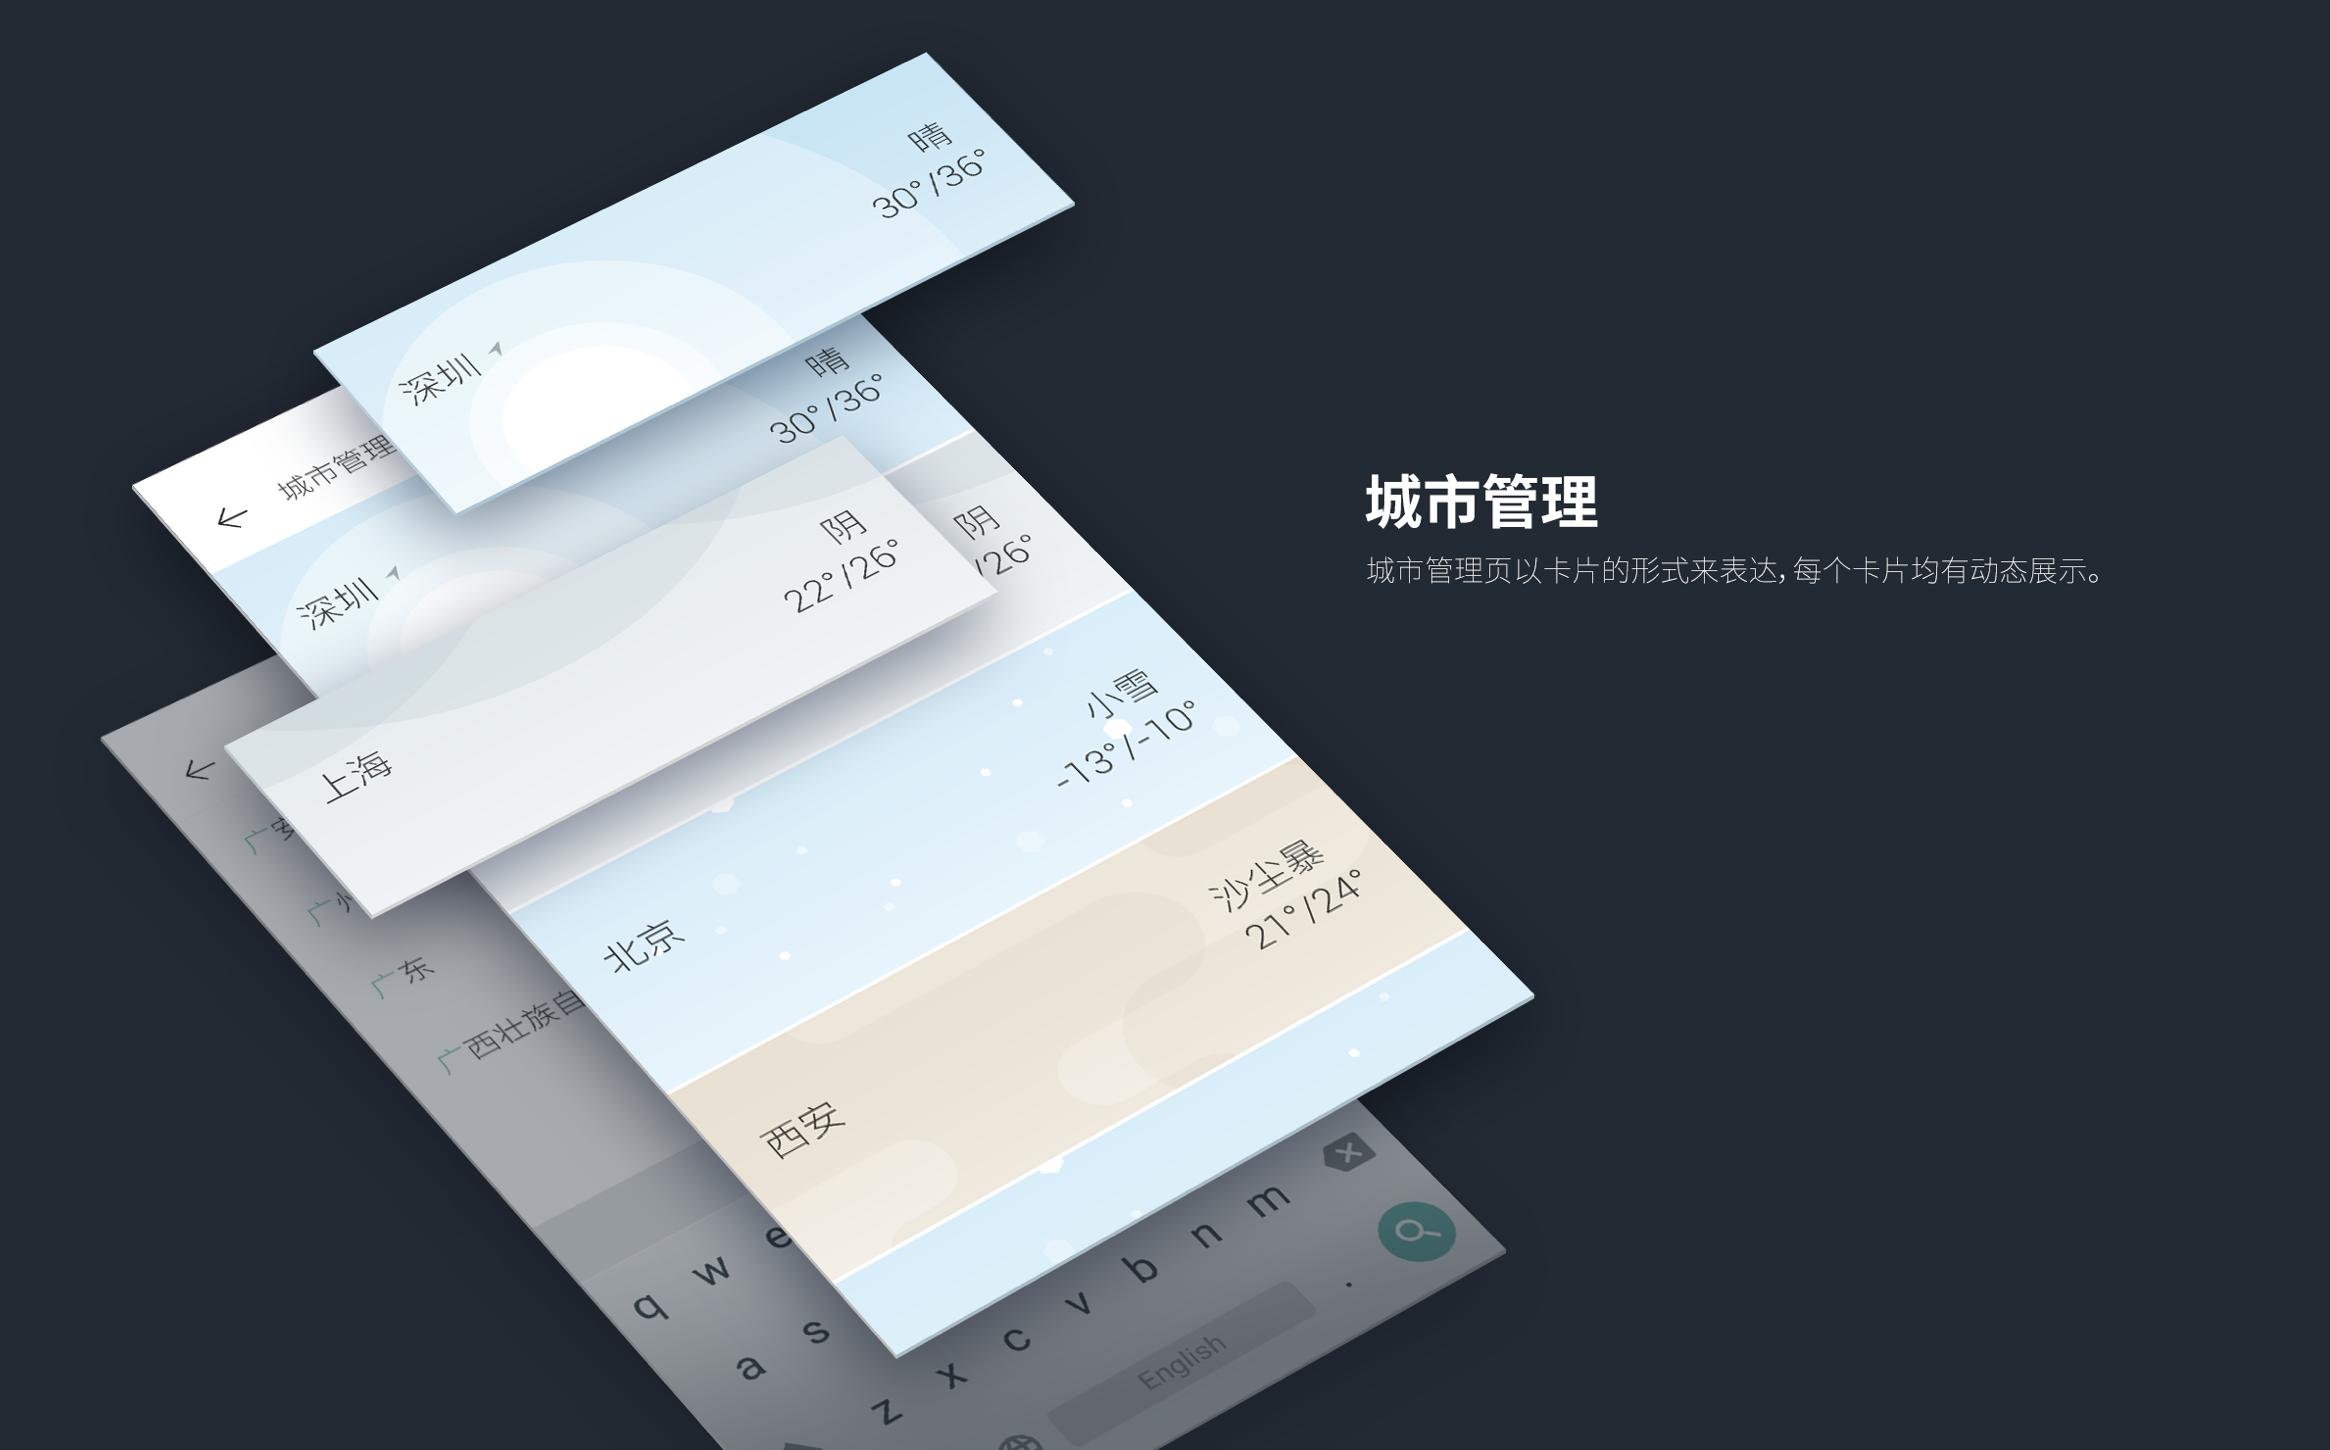 widget 以方圆的组合卡片来表达,轻盈清爽.